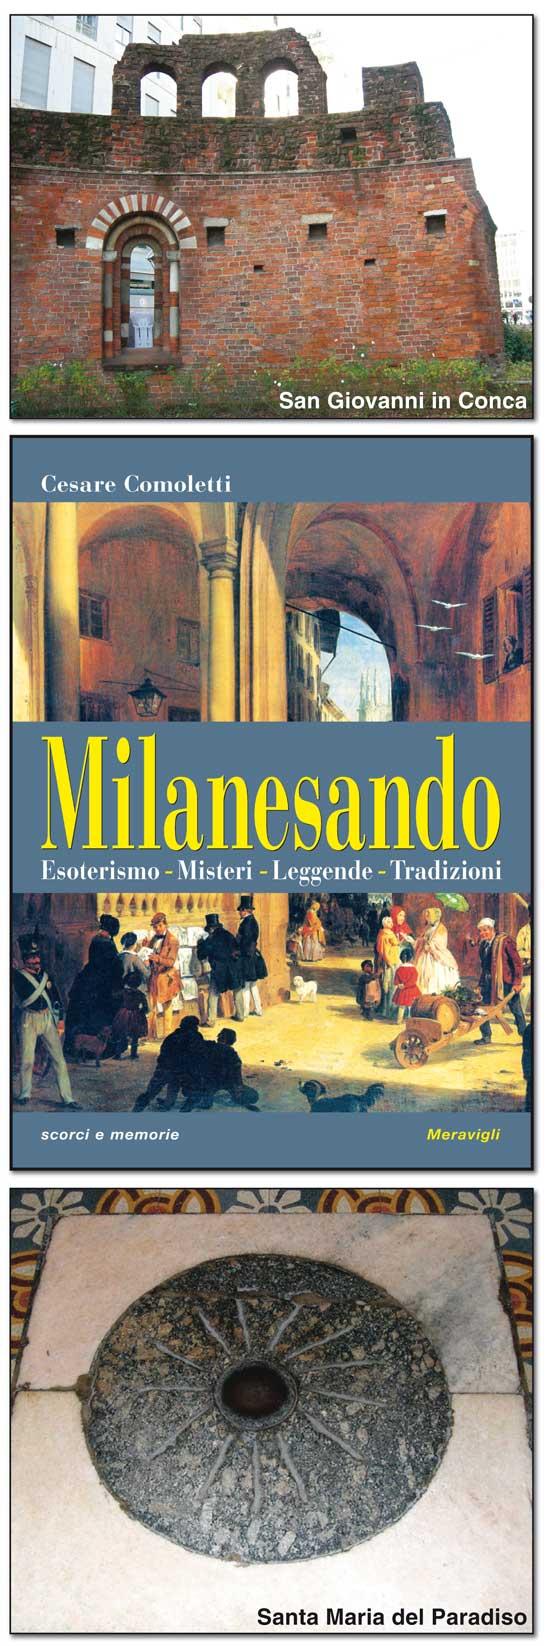 Milanesando-Cesare-Comoletti